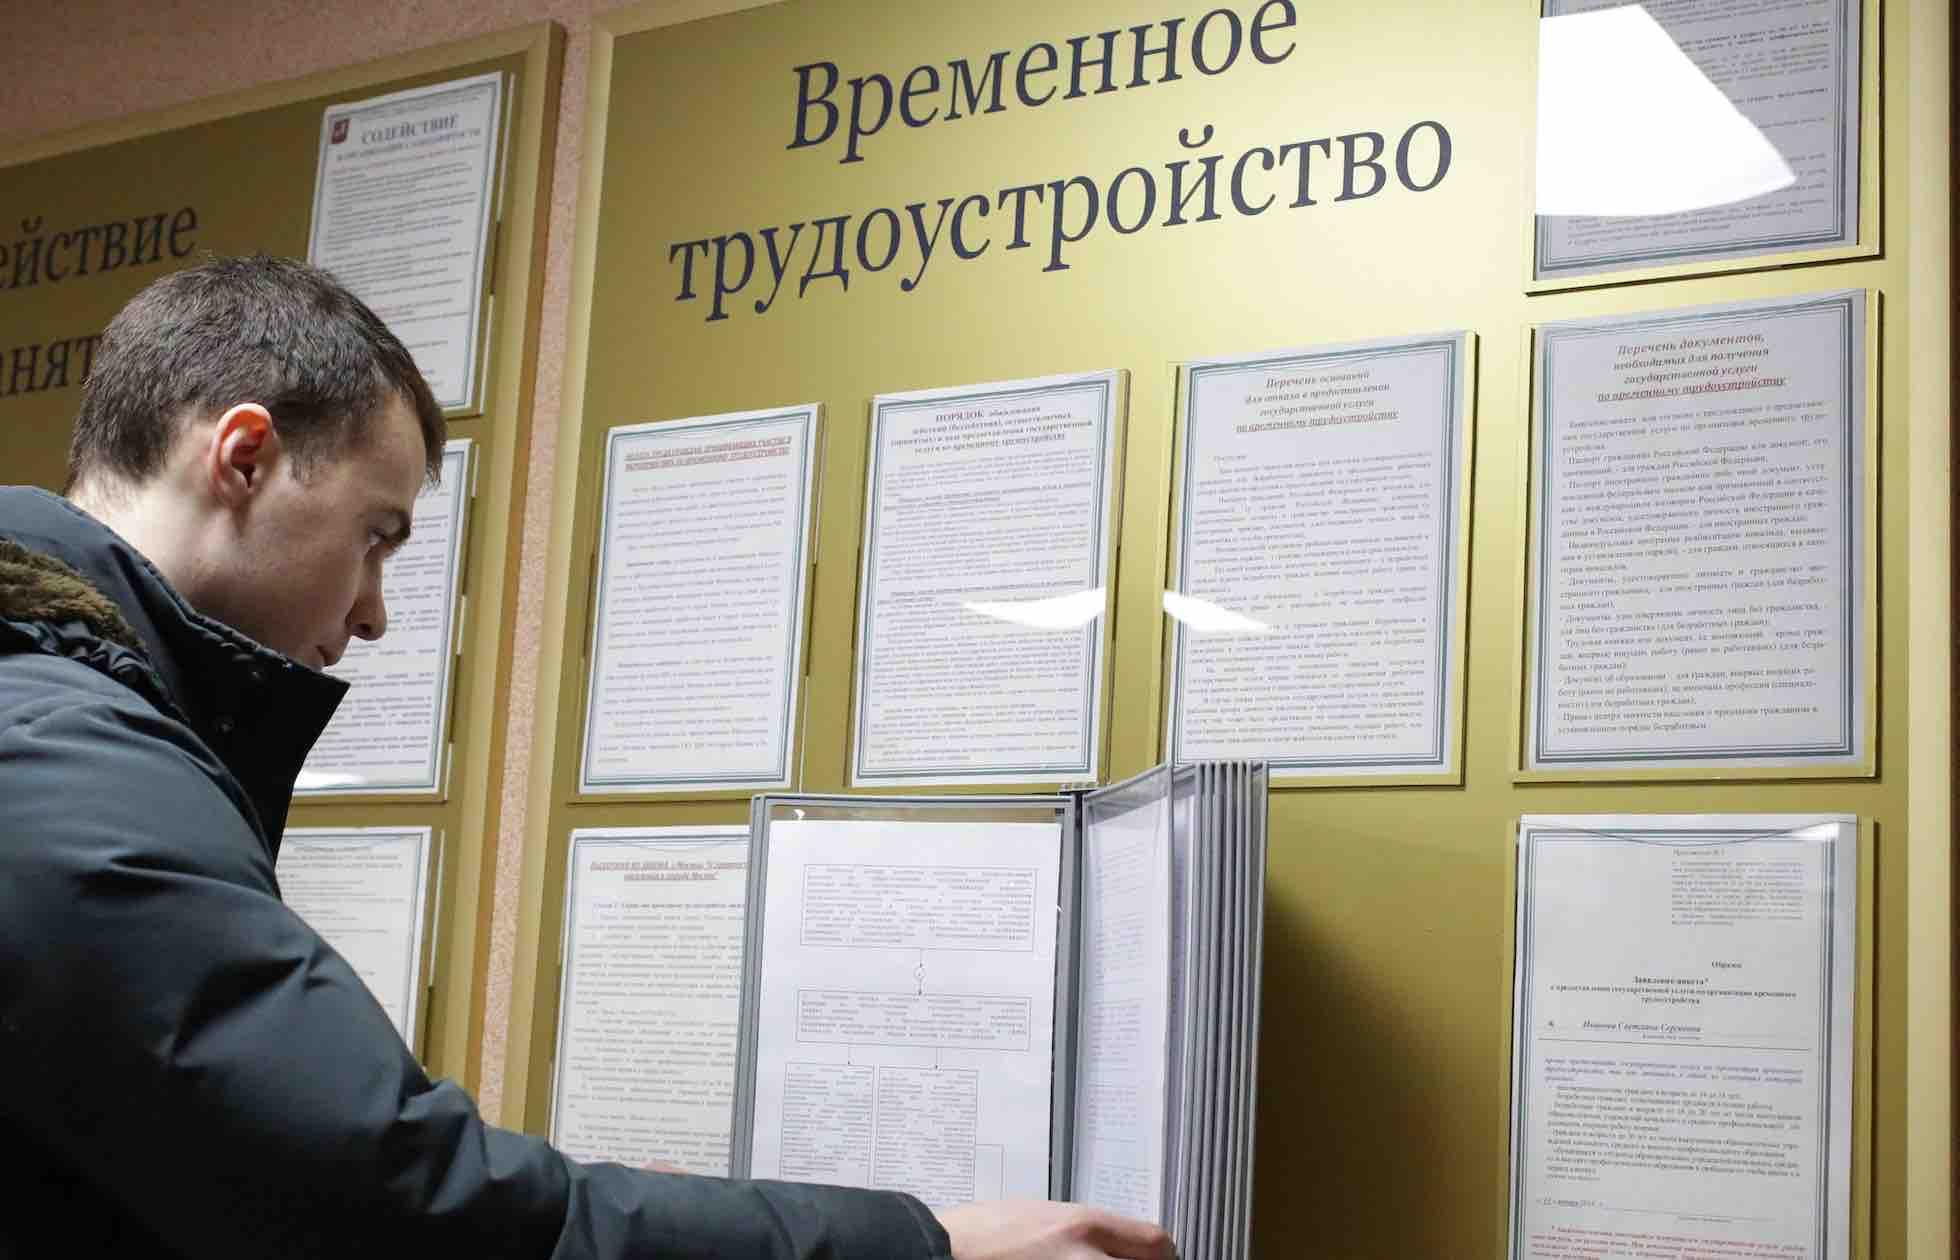 Предпенсионный возраст биржа труда пособие минимальный пенсия москве